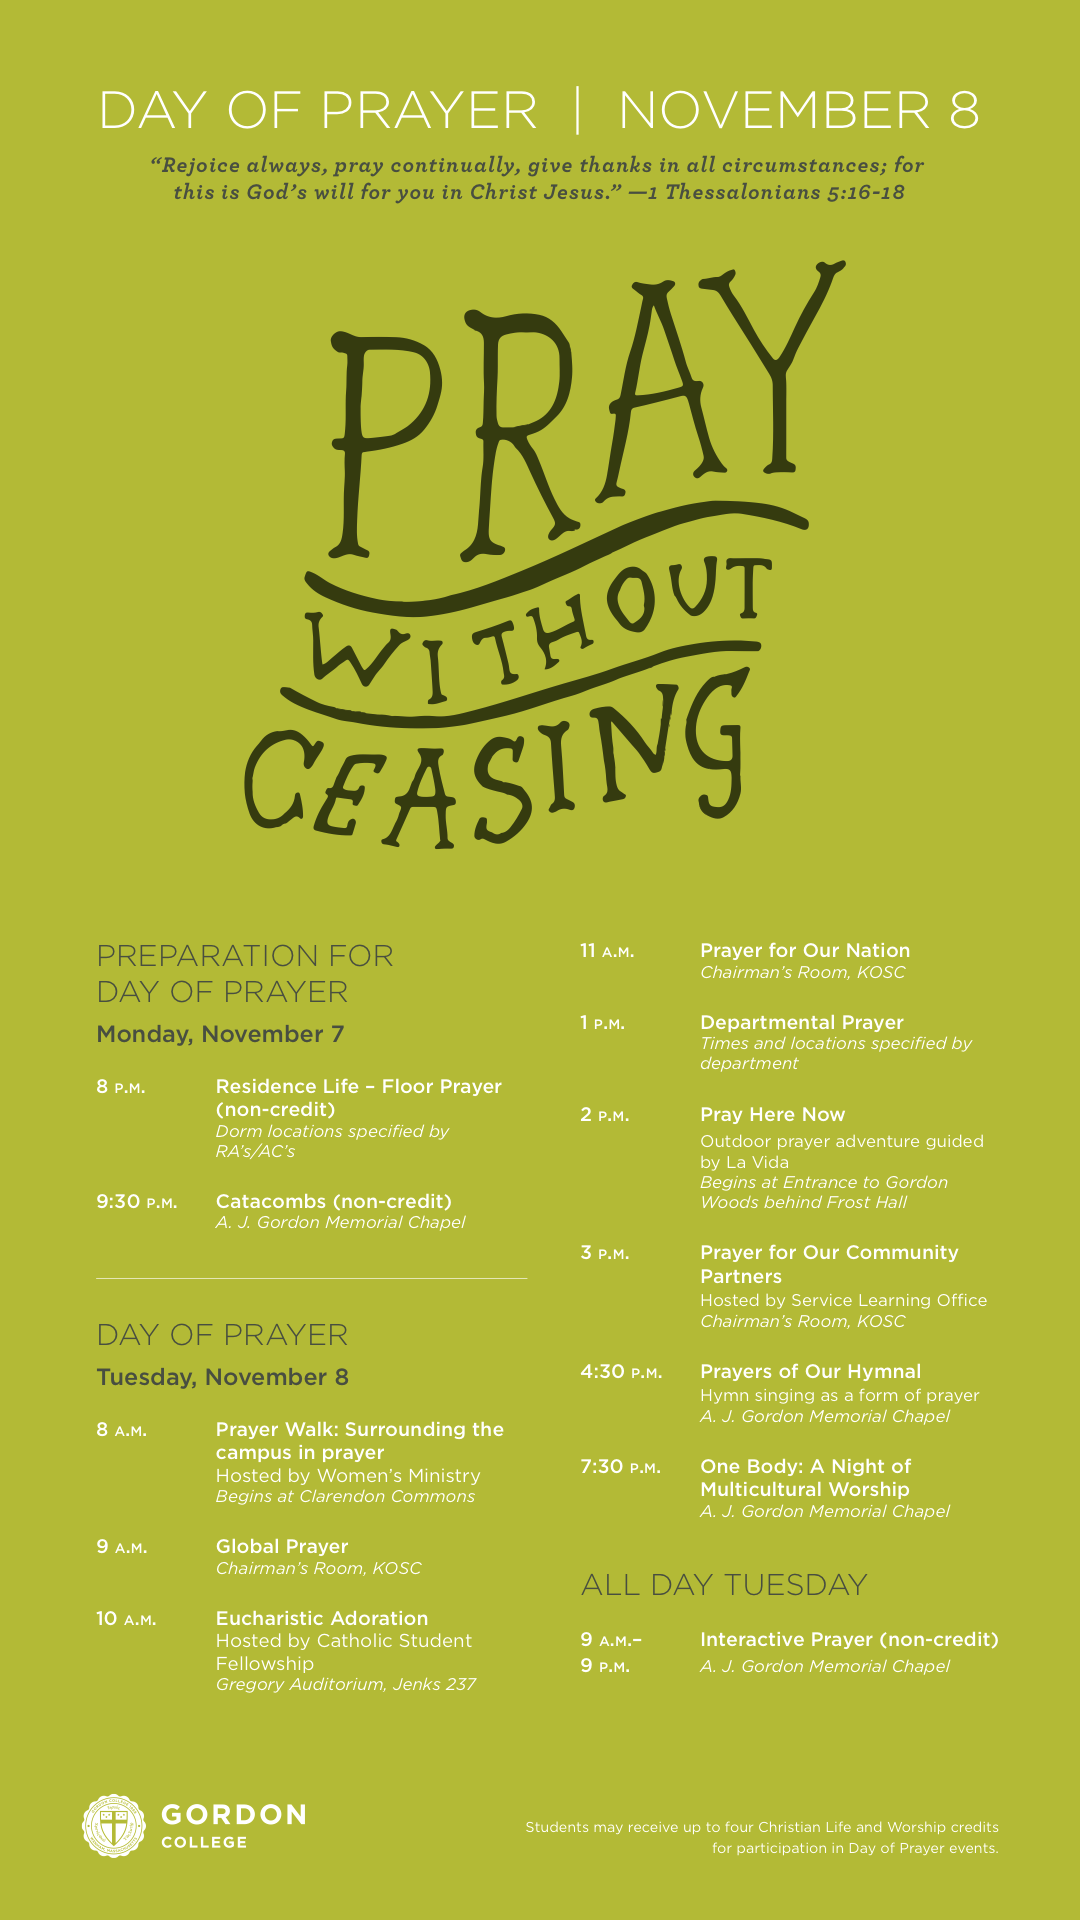 Day of Prayer Schedule